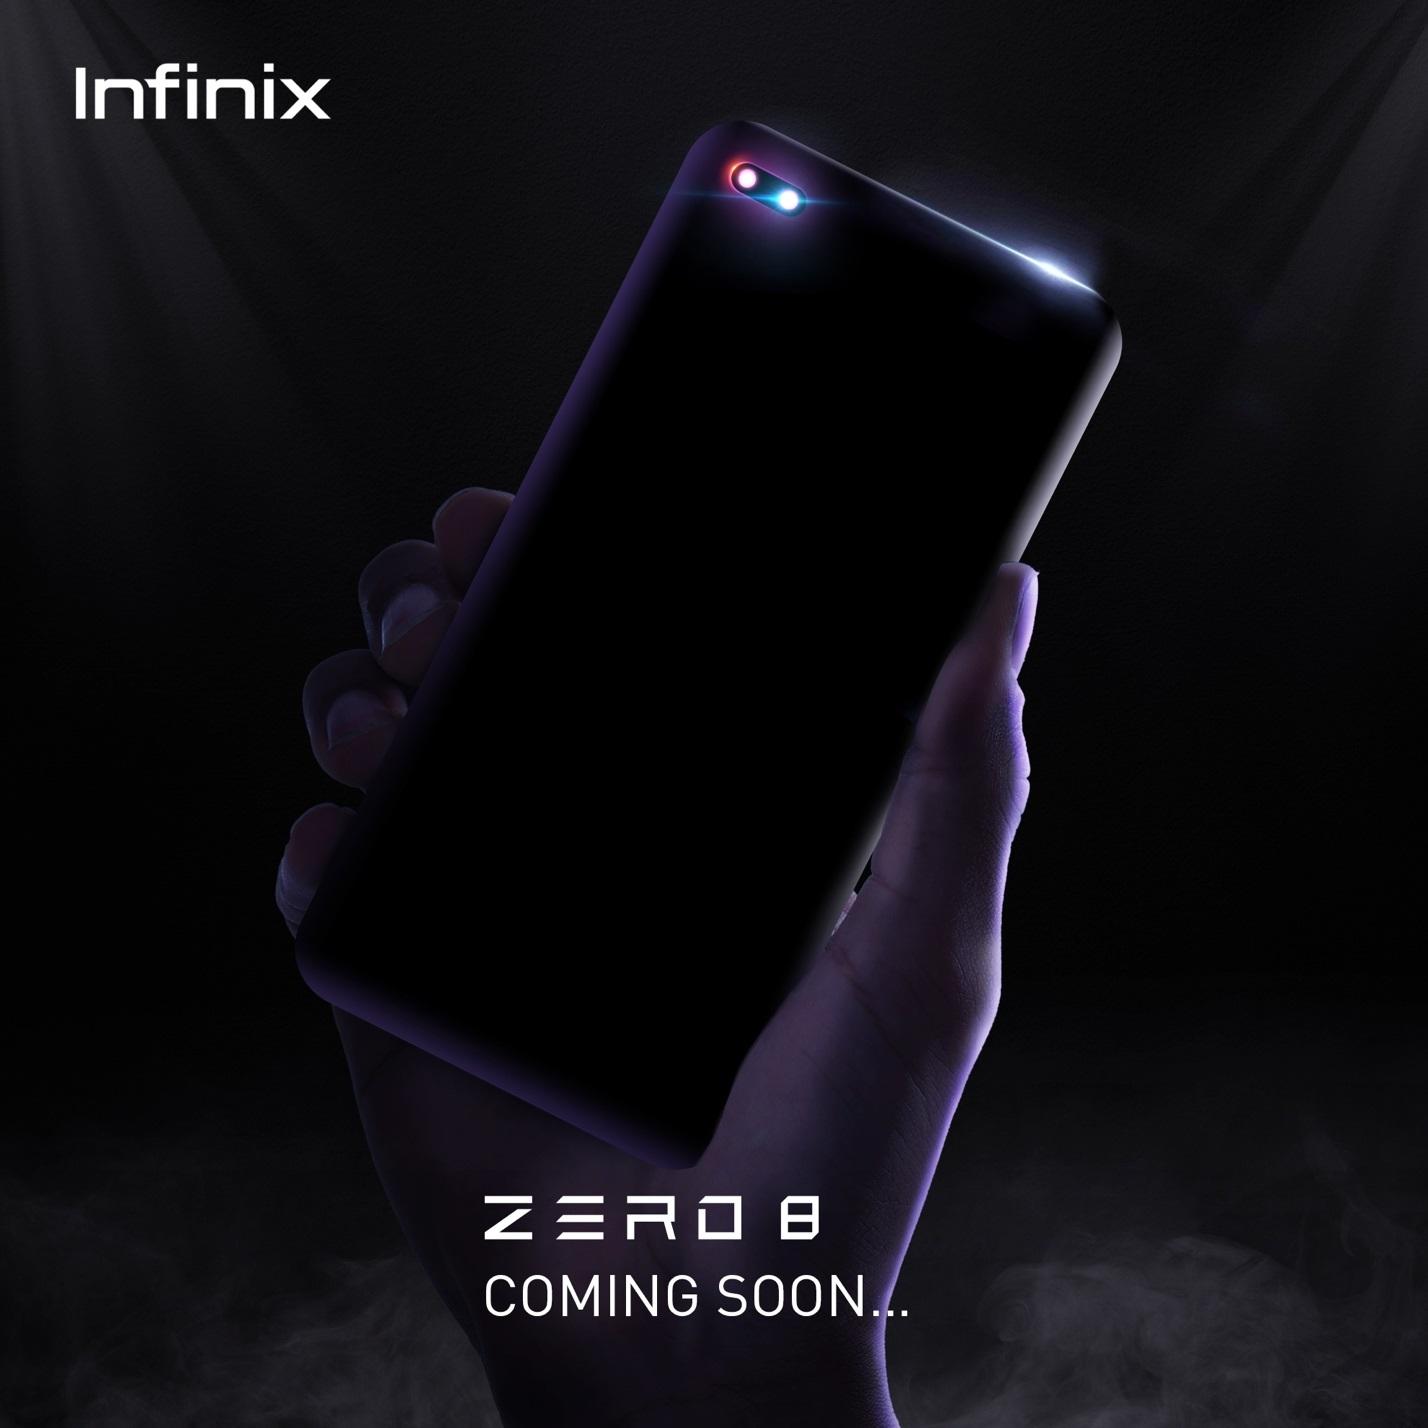 Infinix ZERO 8 and Infinix Smart TV coming soon